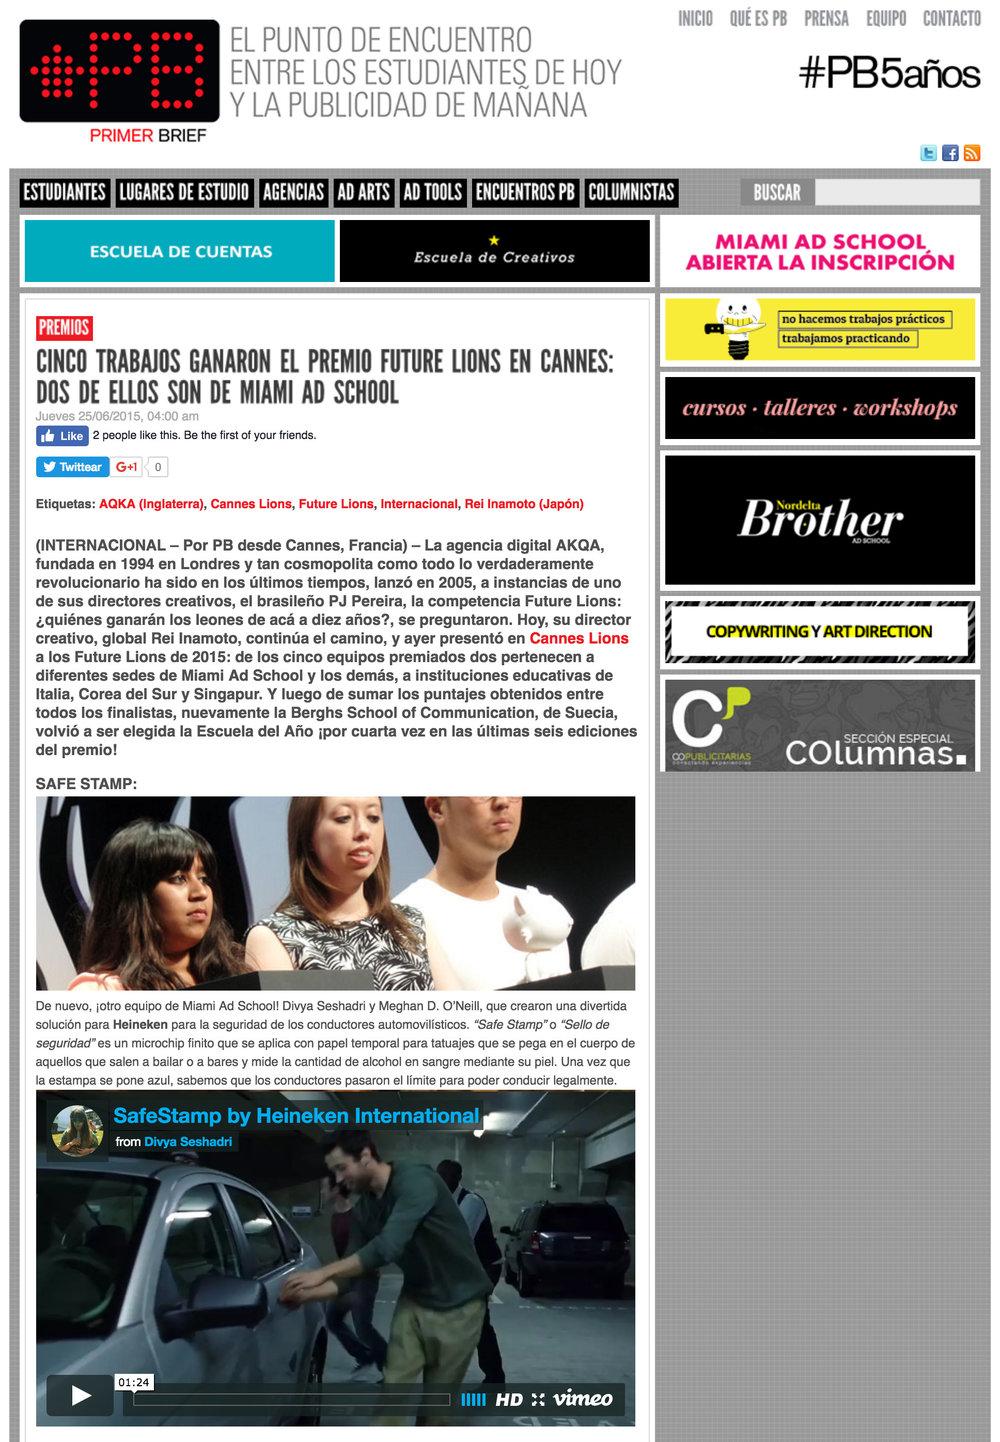 Primer Brief (Argentina)